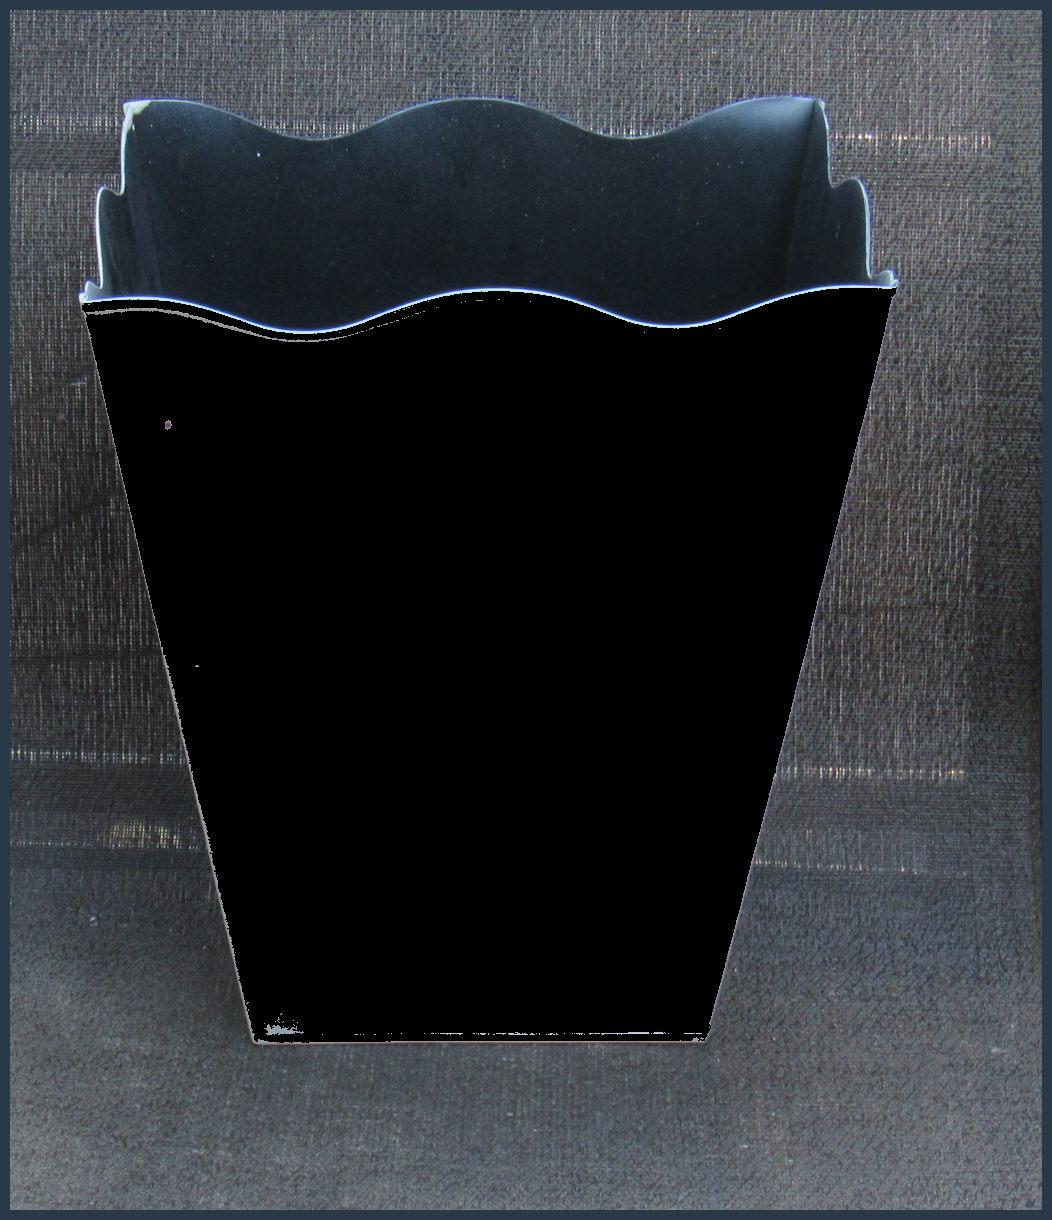 metal-wastebasket-12-tall-20170928-black.jpg